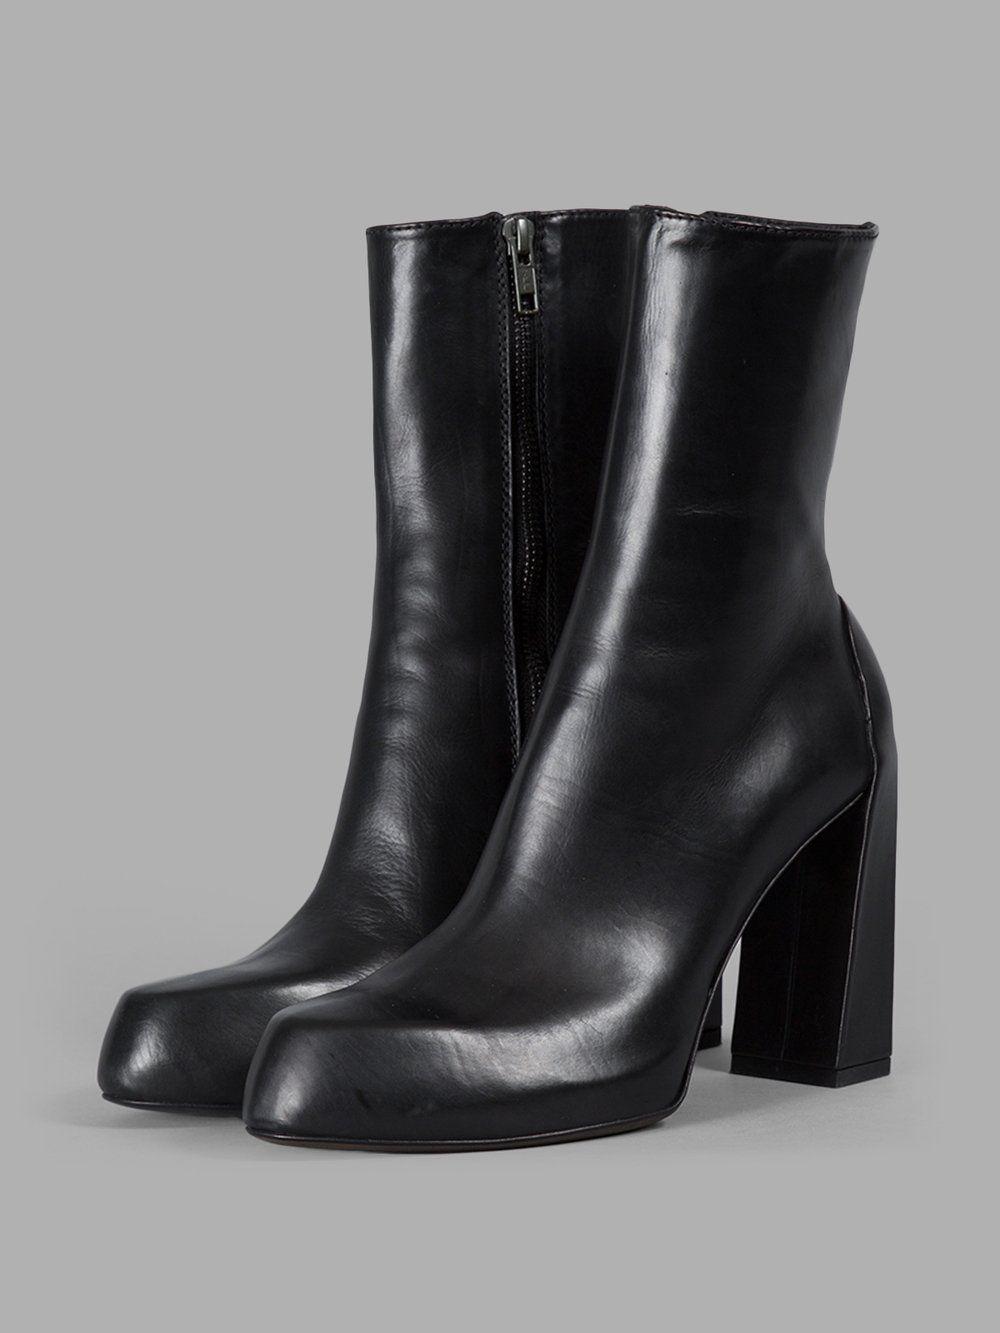 Boots Stuart Weitzman Schwarzes Leder Strapduo Biker Stiefeletten Größe 5,5 Damen Clothing, Shoes & Accessories